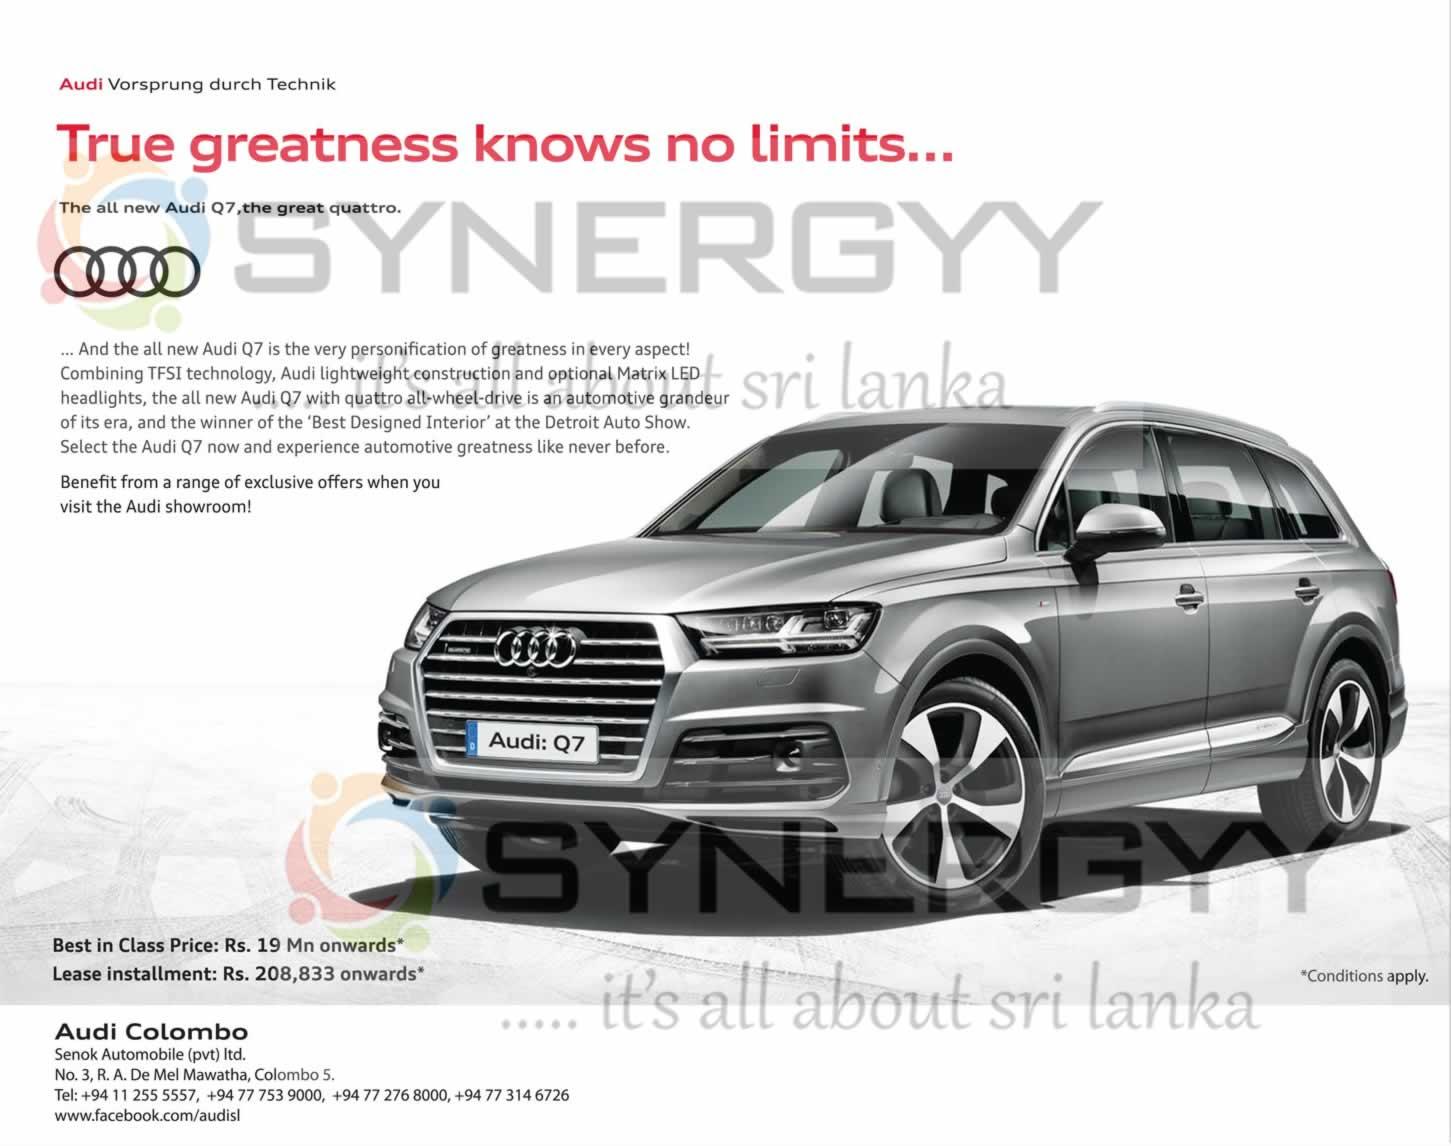 Audi Q Price In Sri Lanka Rs Million From Audi Colombo - Audi car price in sri lanka